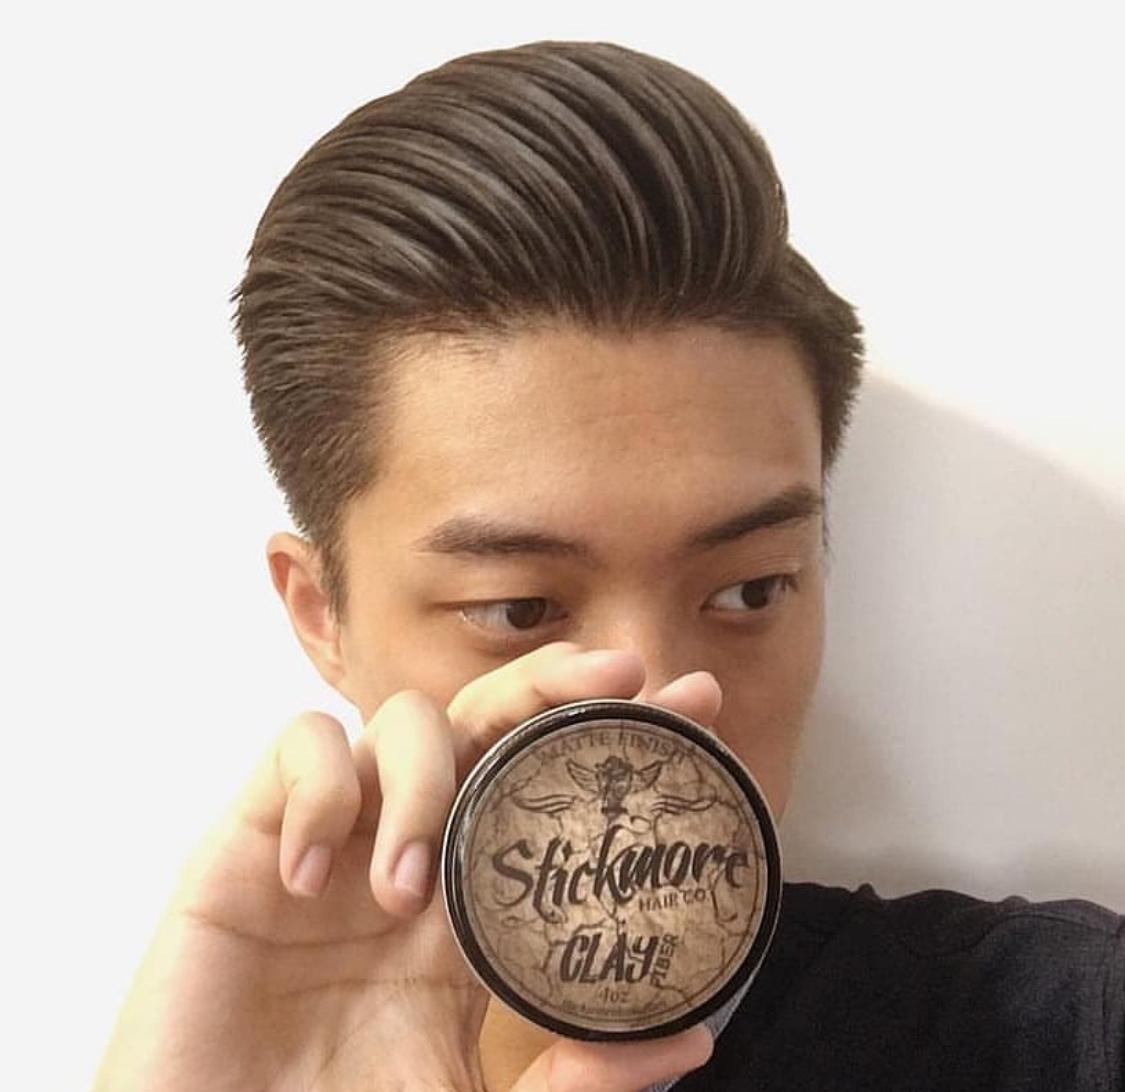 sáp tóc stickmore clay fiber